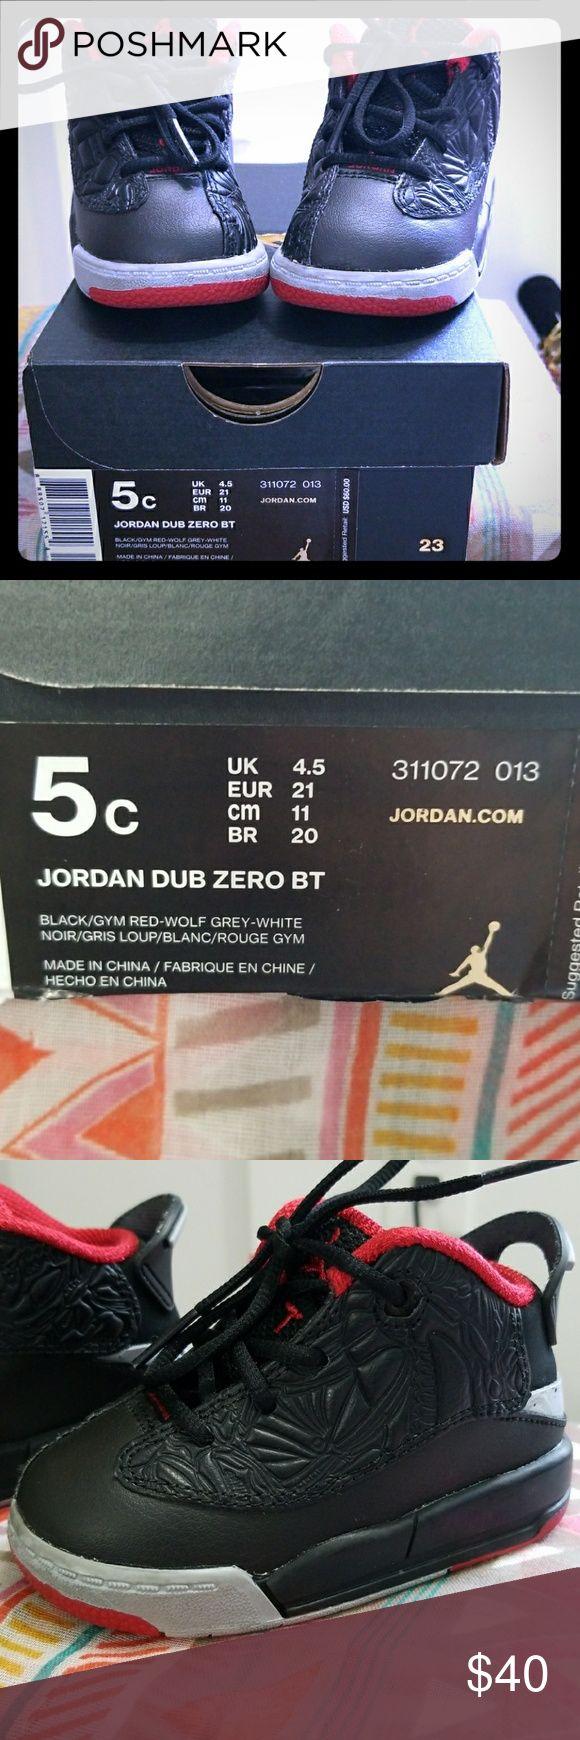 Kids Jordan Dub Zero Black/Gym Red-Wolf Grey-White Size: 5c Jordan Shoes Sneakers